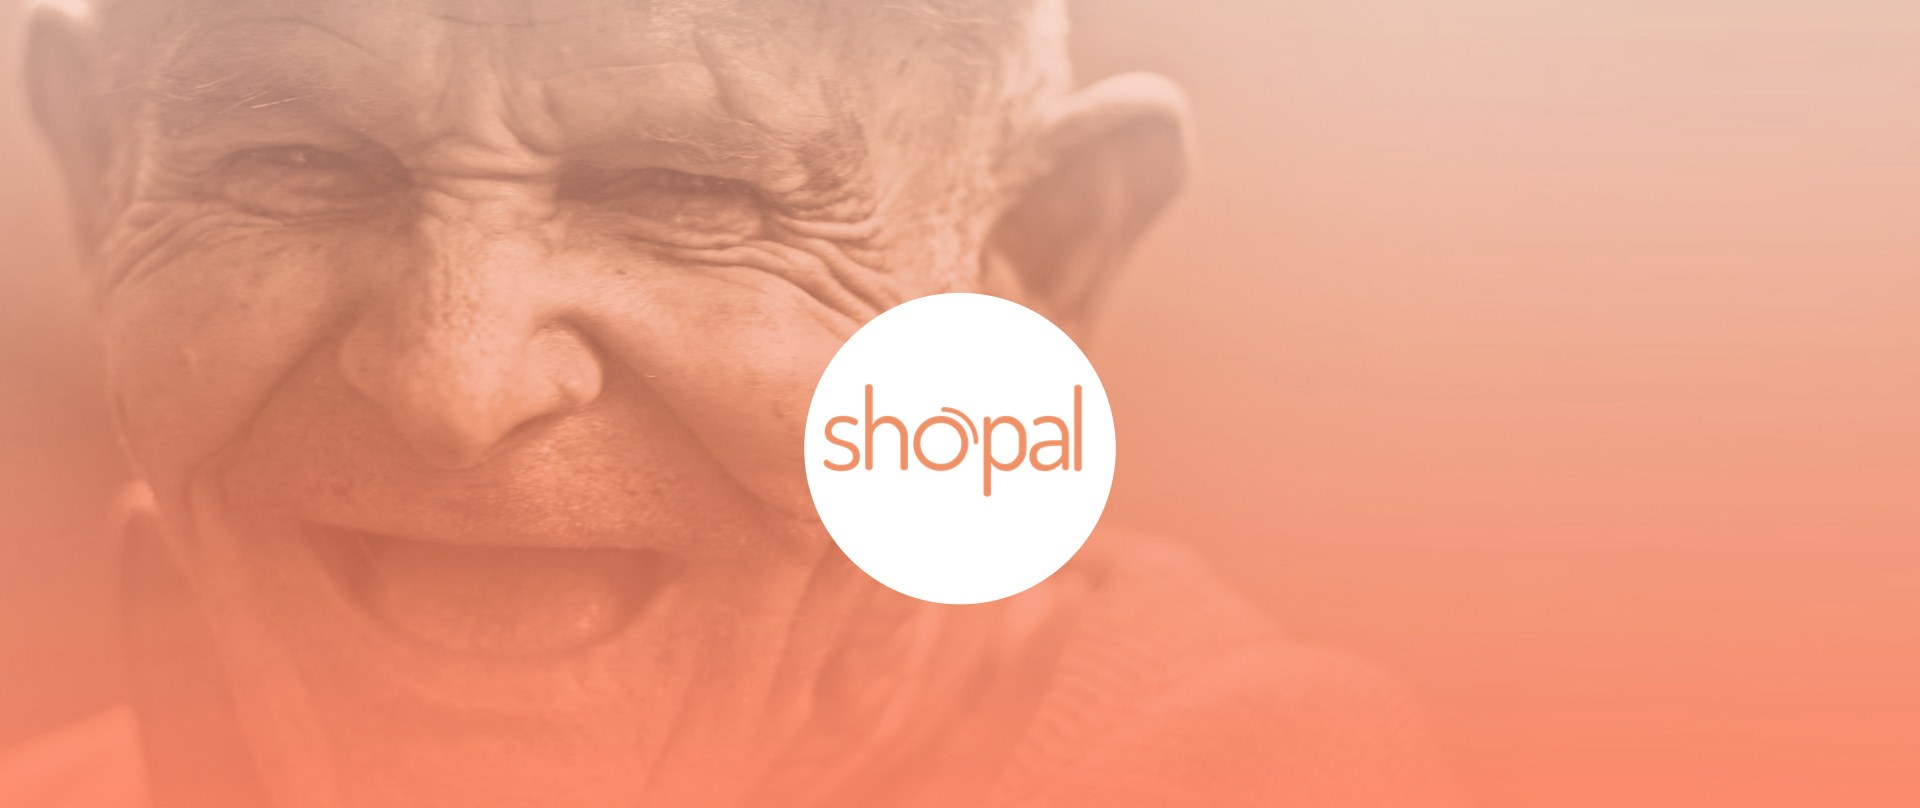 Shopal